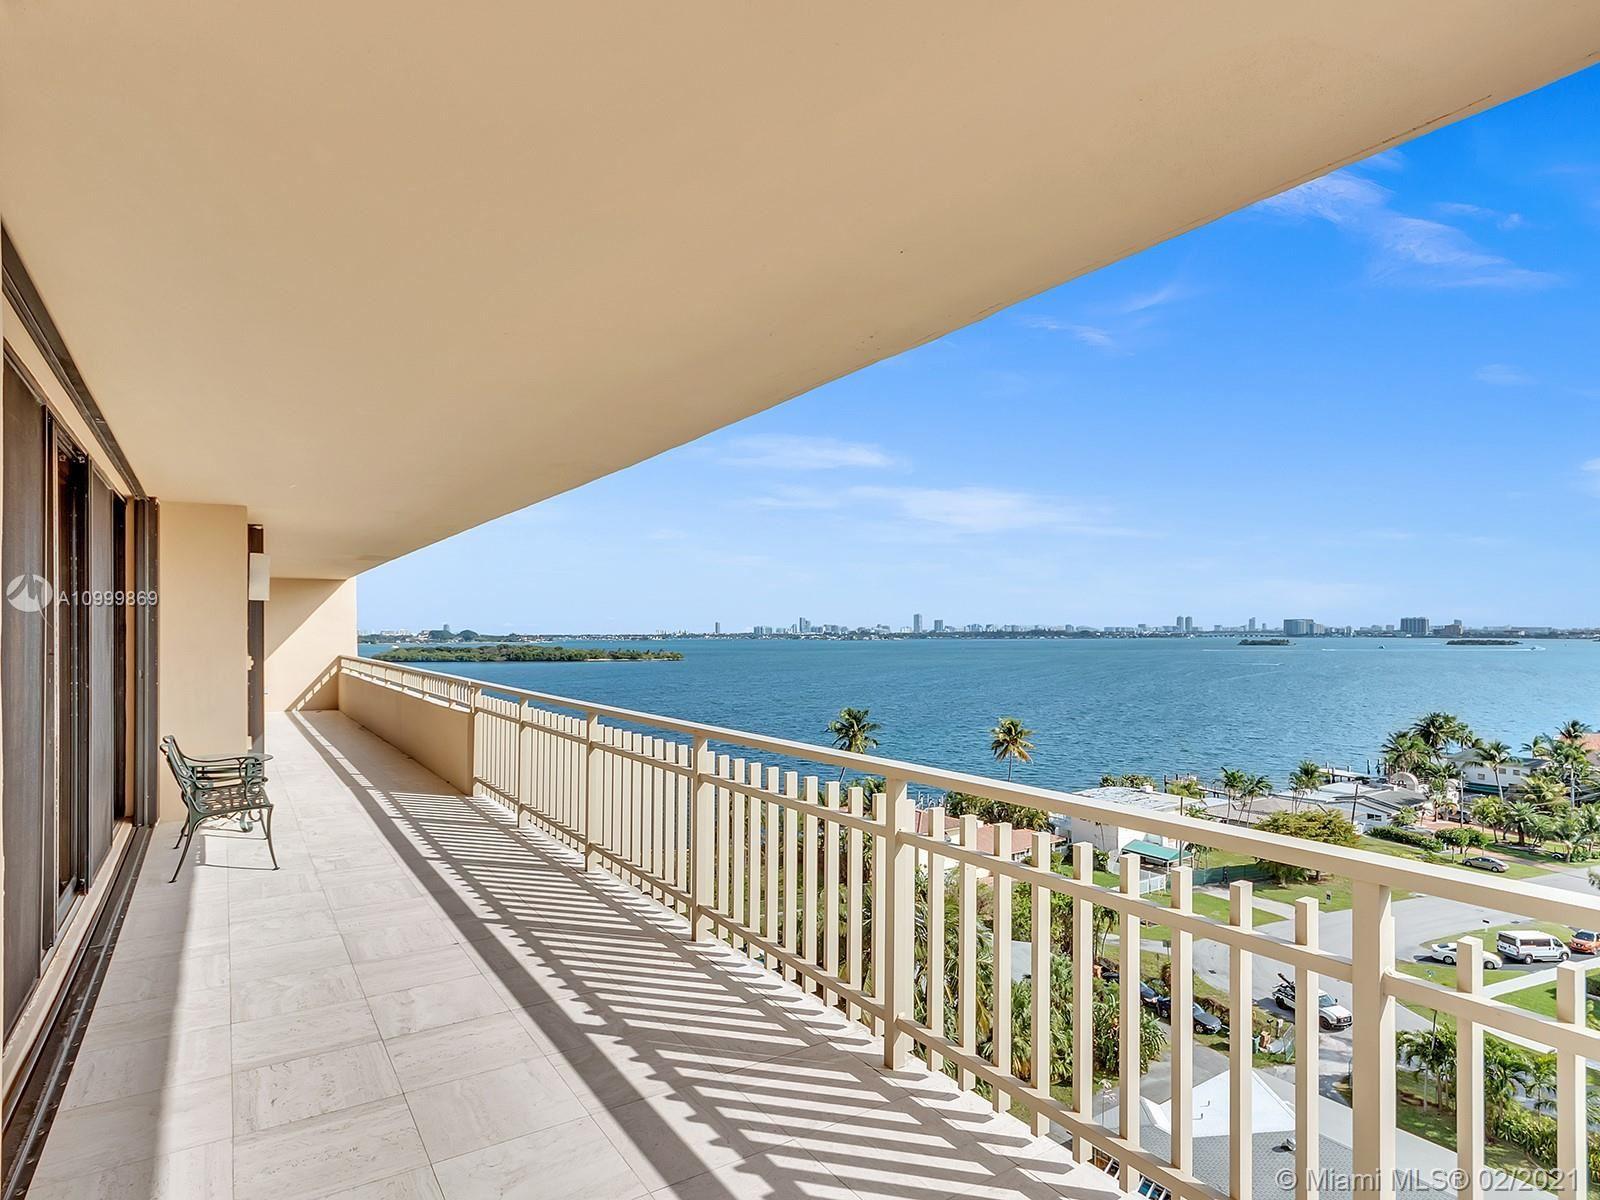 11113 Biscayne Blvd #951, Miami, FL 33181 - #: A10999869